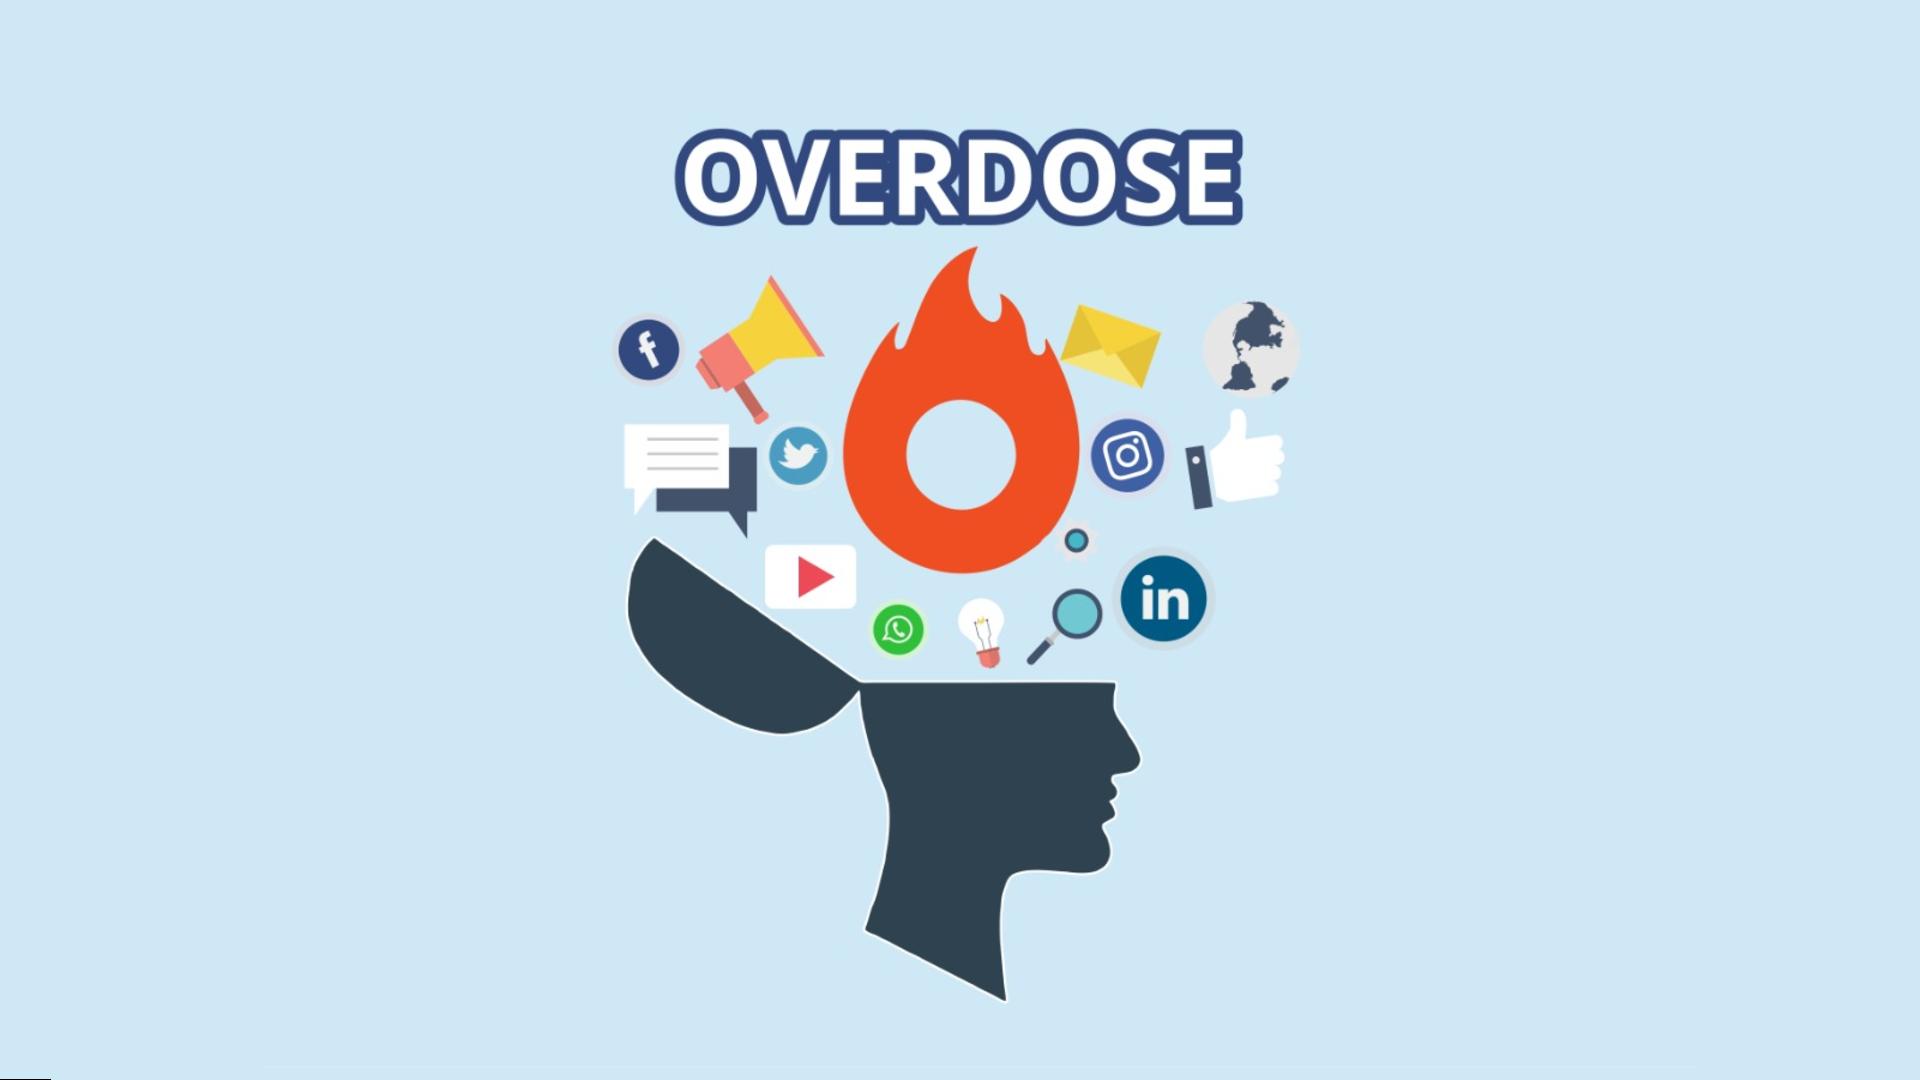 """overdose de informação hotmart - Afiliado Hotmart: Como Sair da """"Overdose de Informação"""" (5 Passos Infalíveis)"""